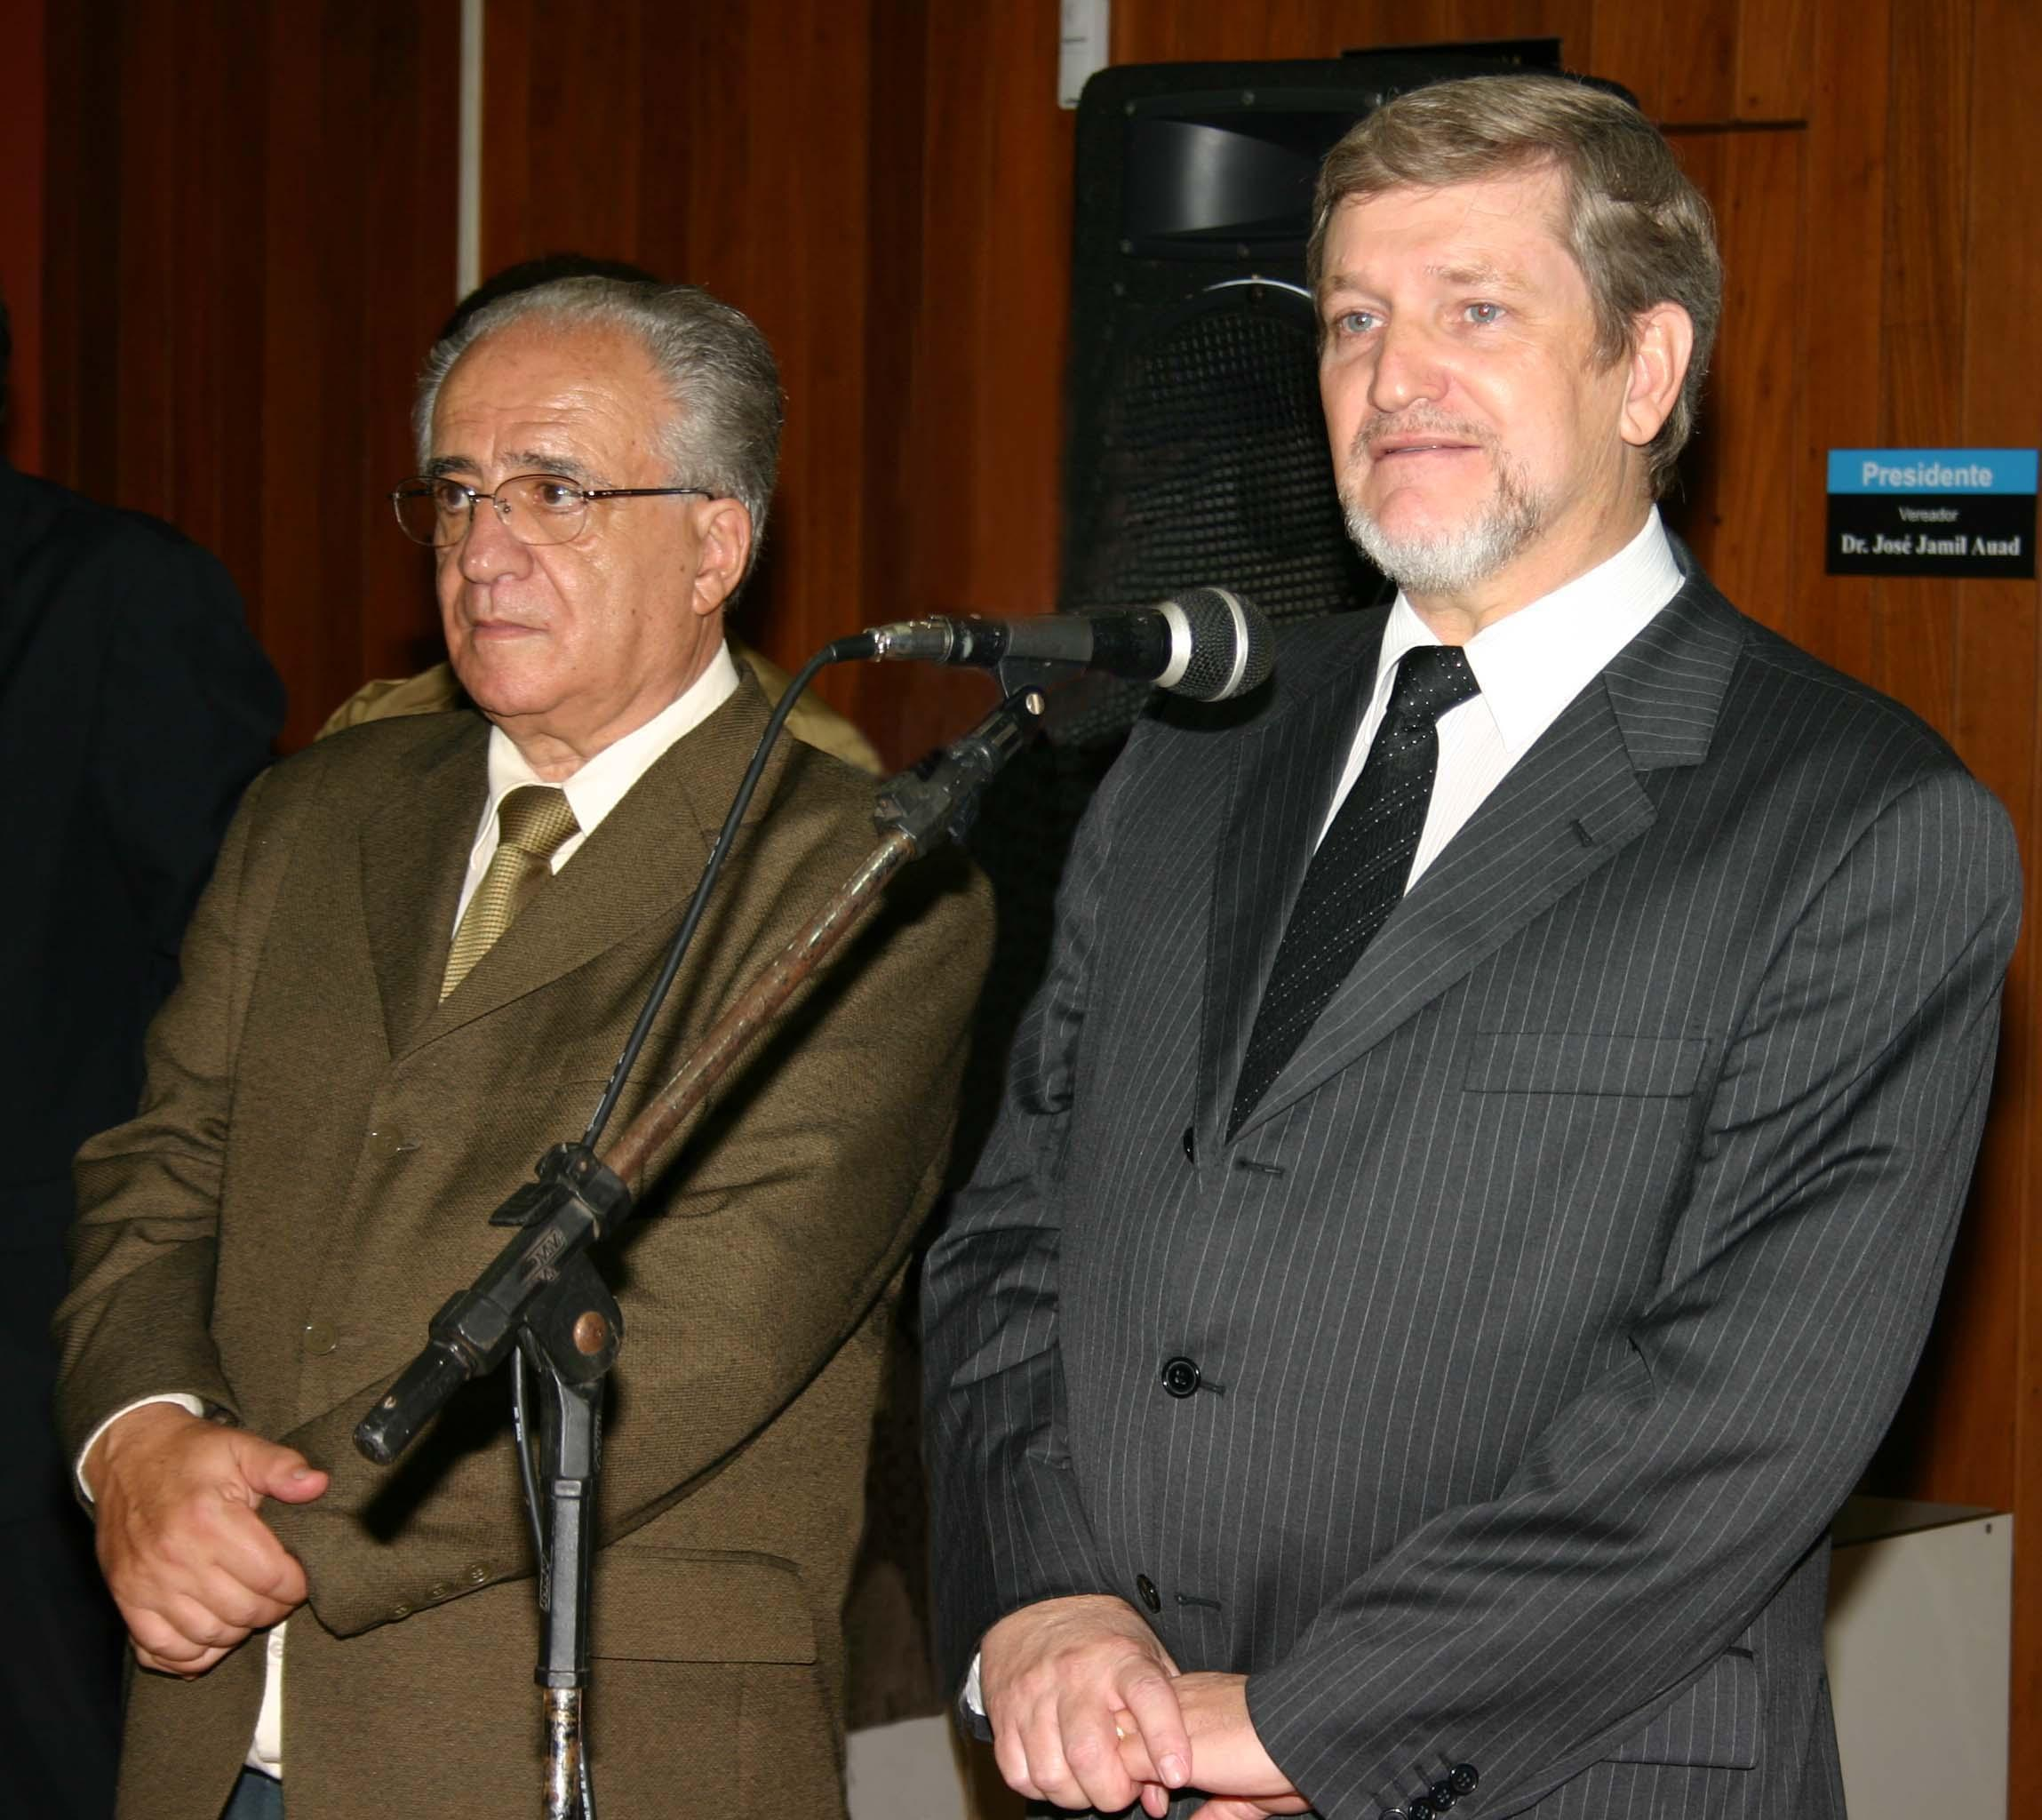 TRT inaugura Vara do Trabalho em Três Corações (imagem 2)